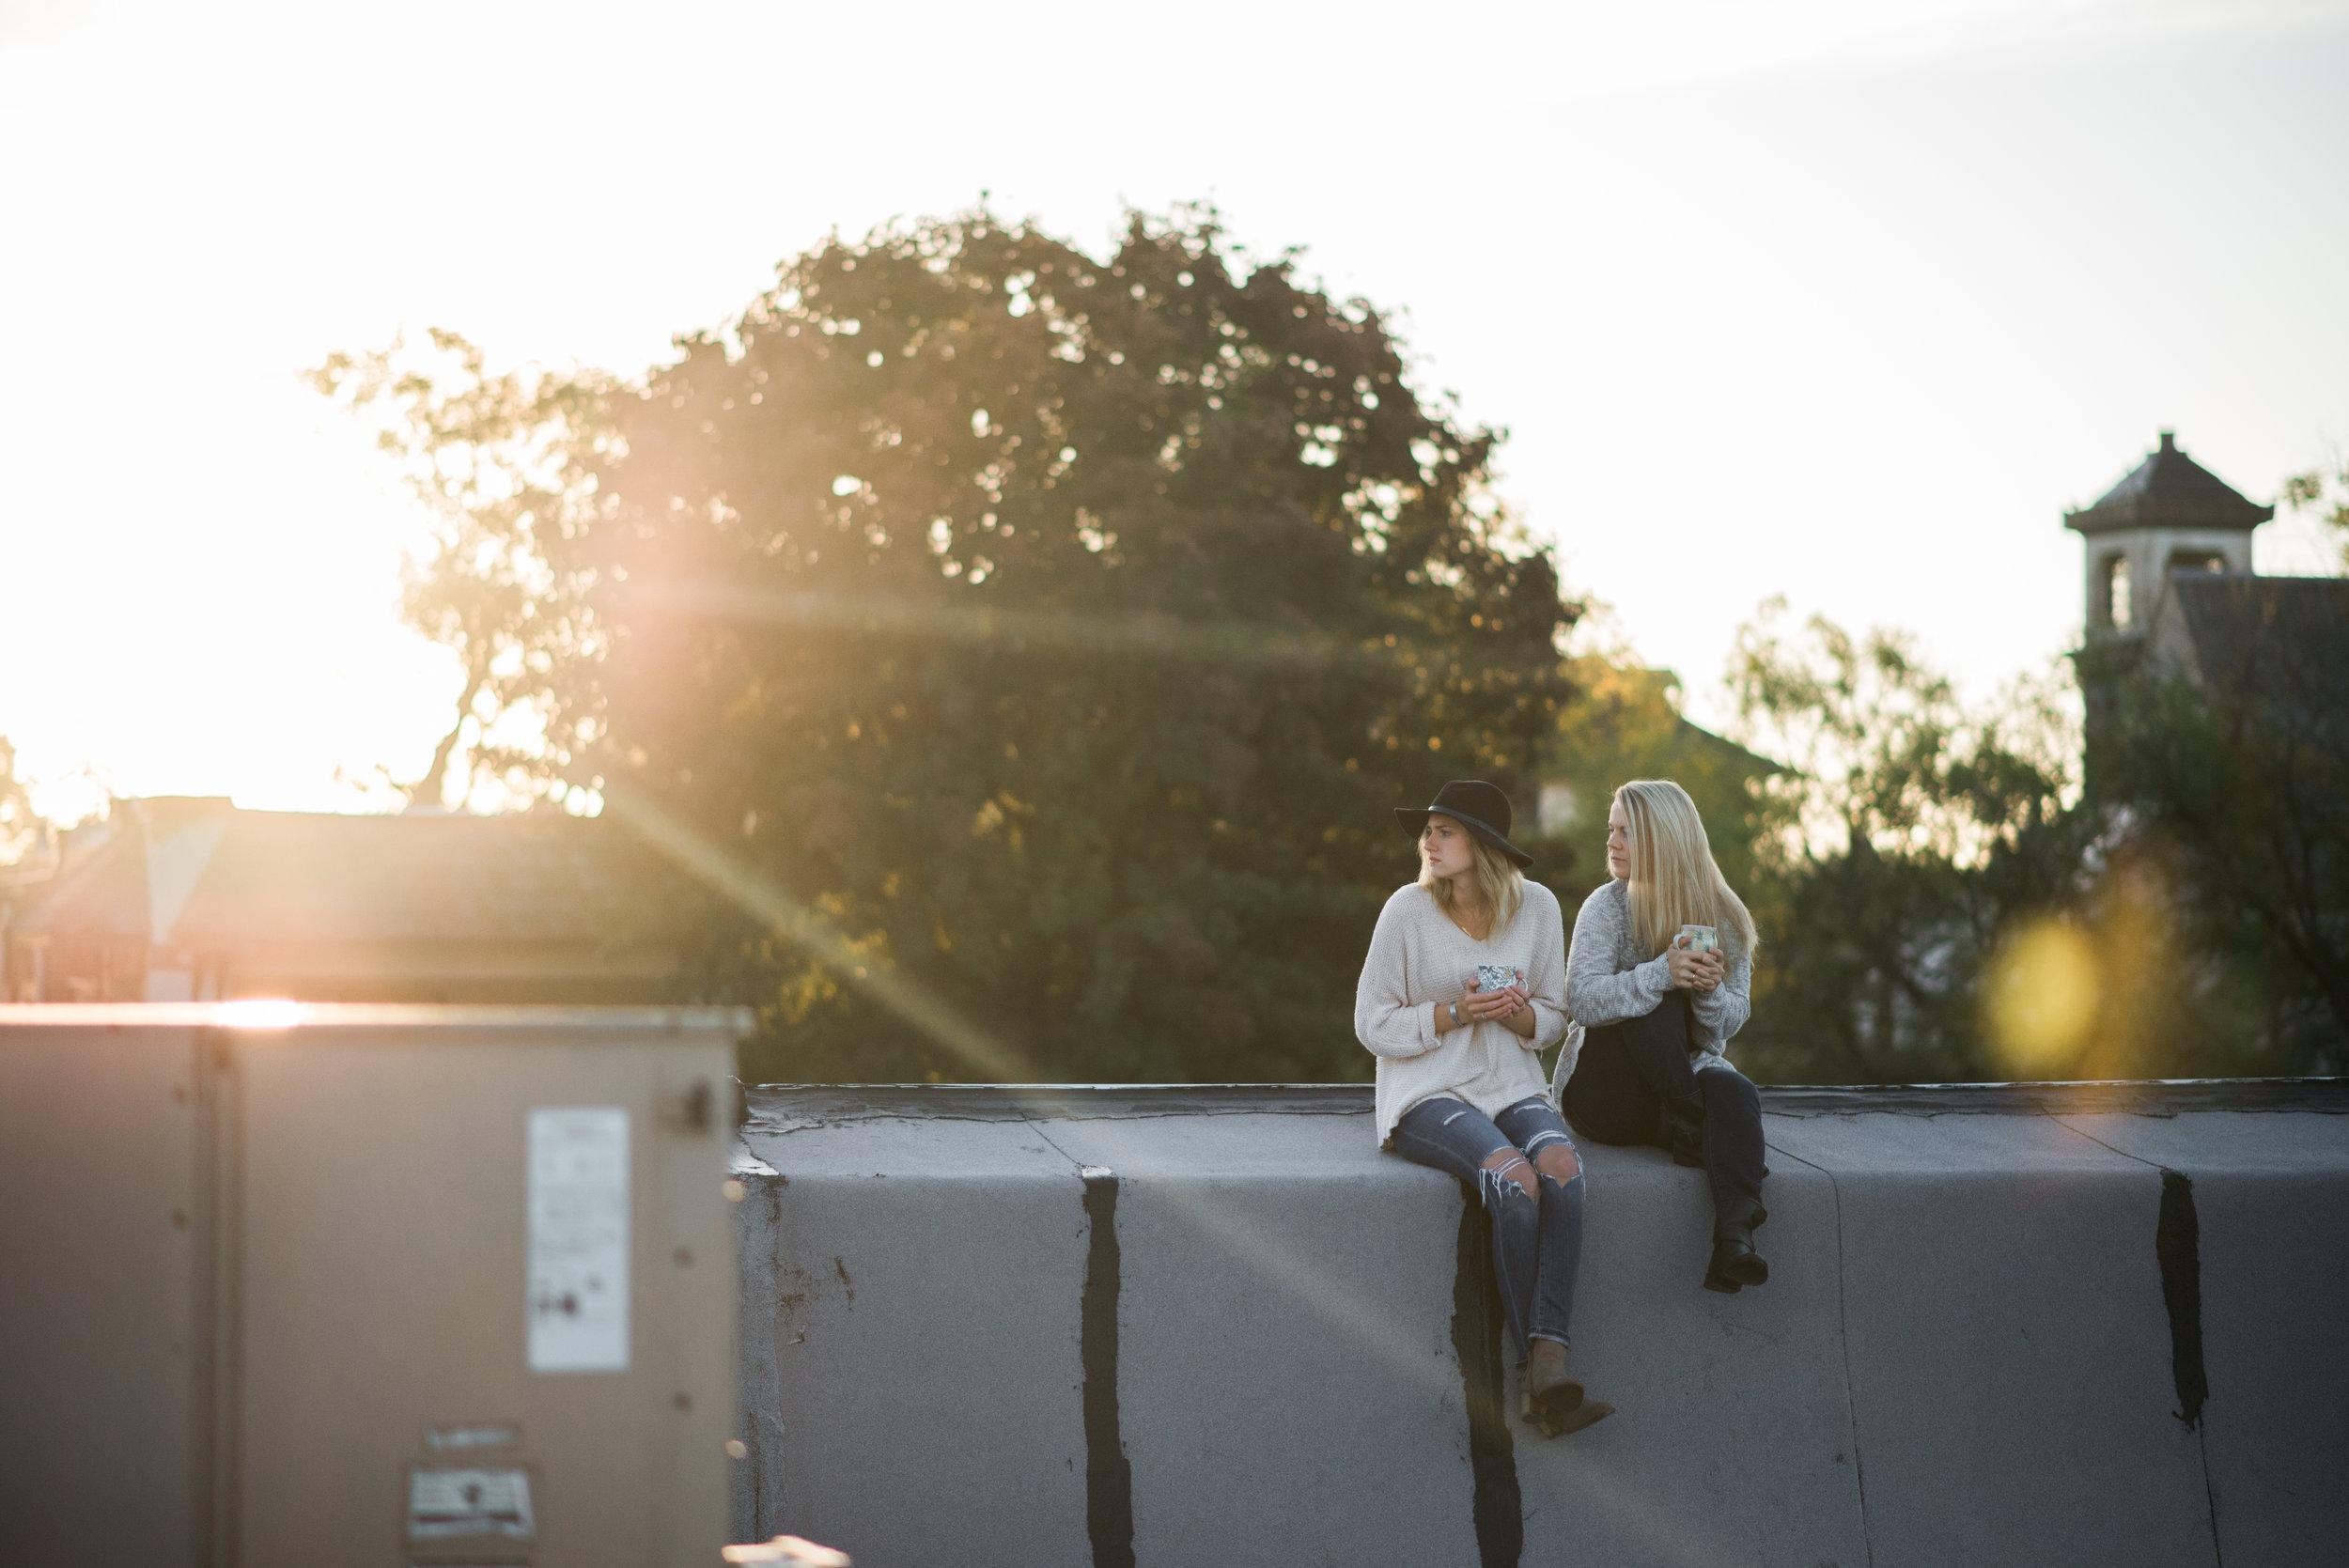 rooftopblog-14.jpg